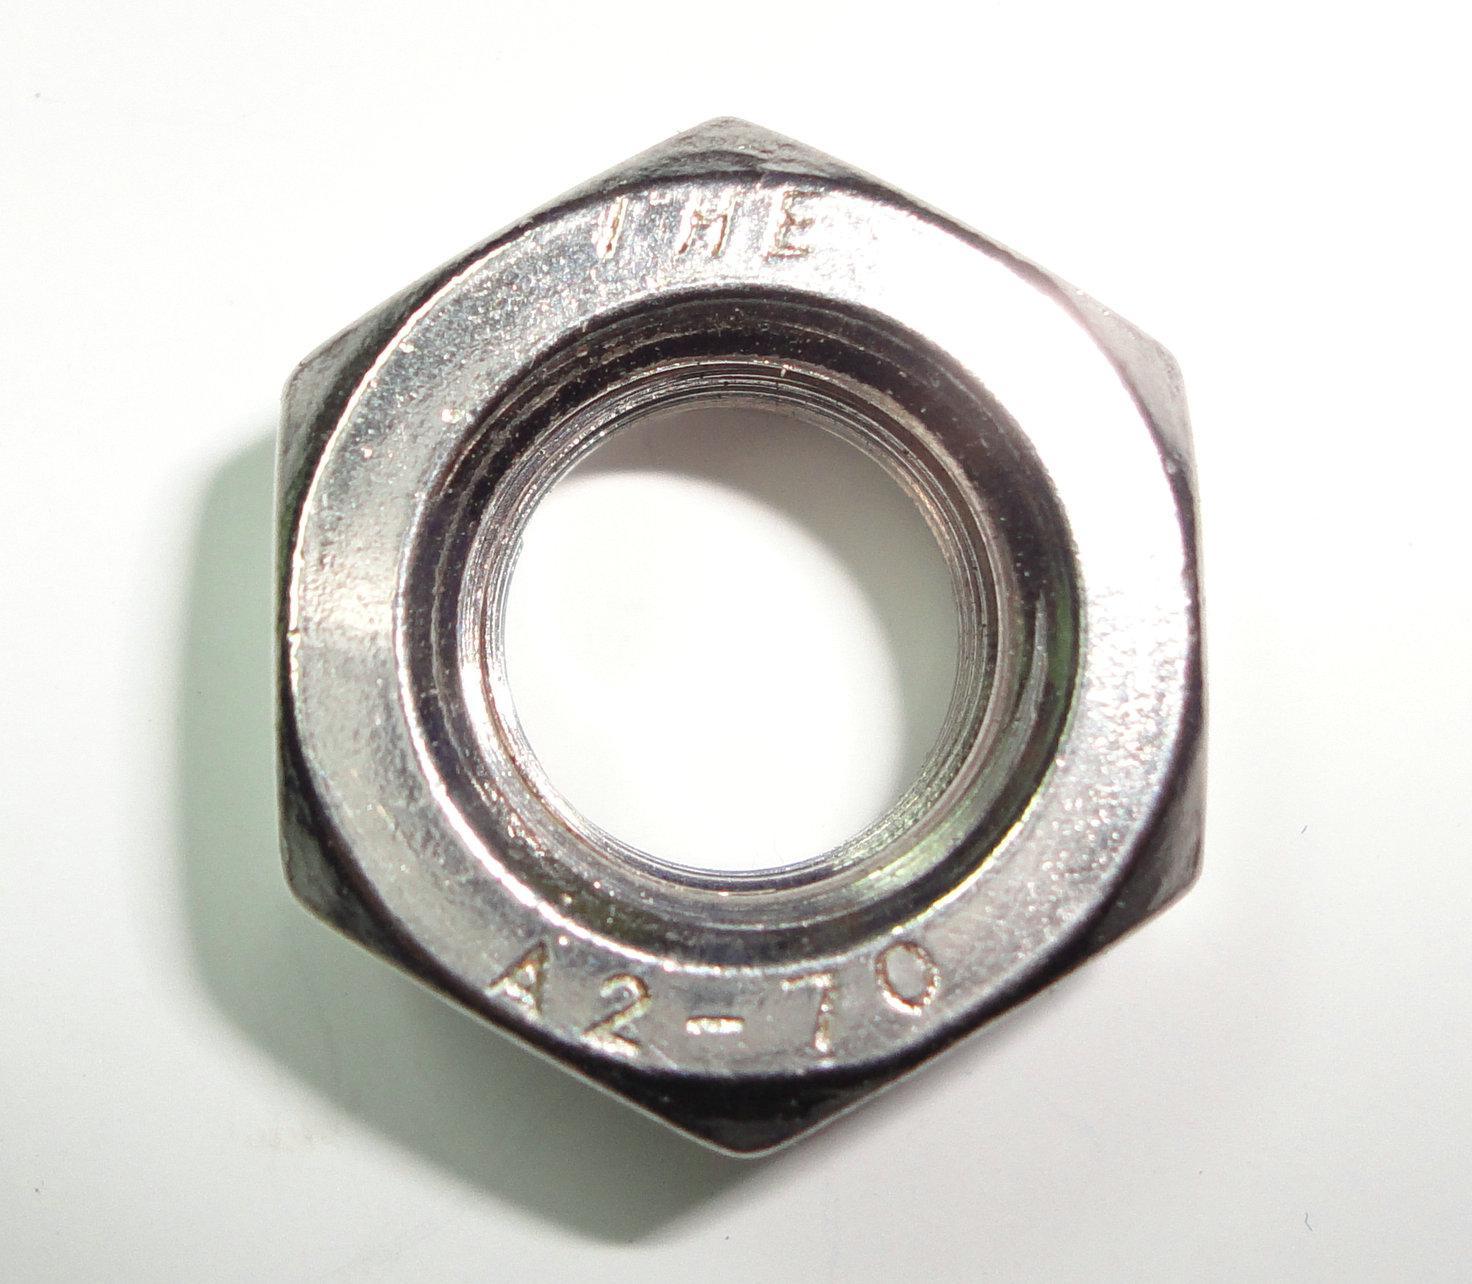 六角鲁班锁塑料图解